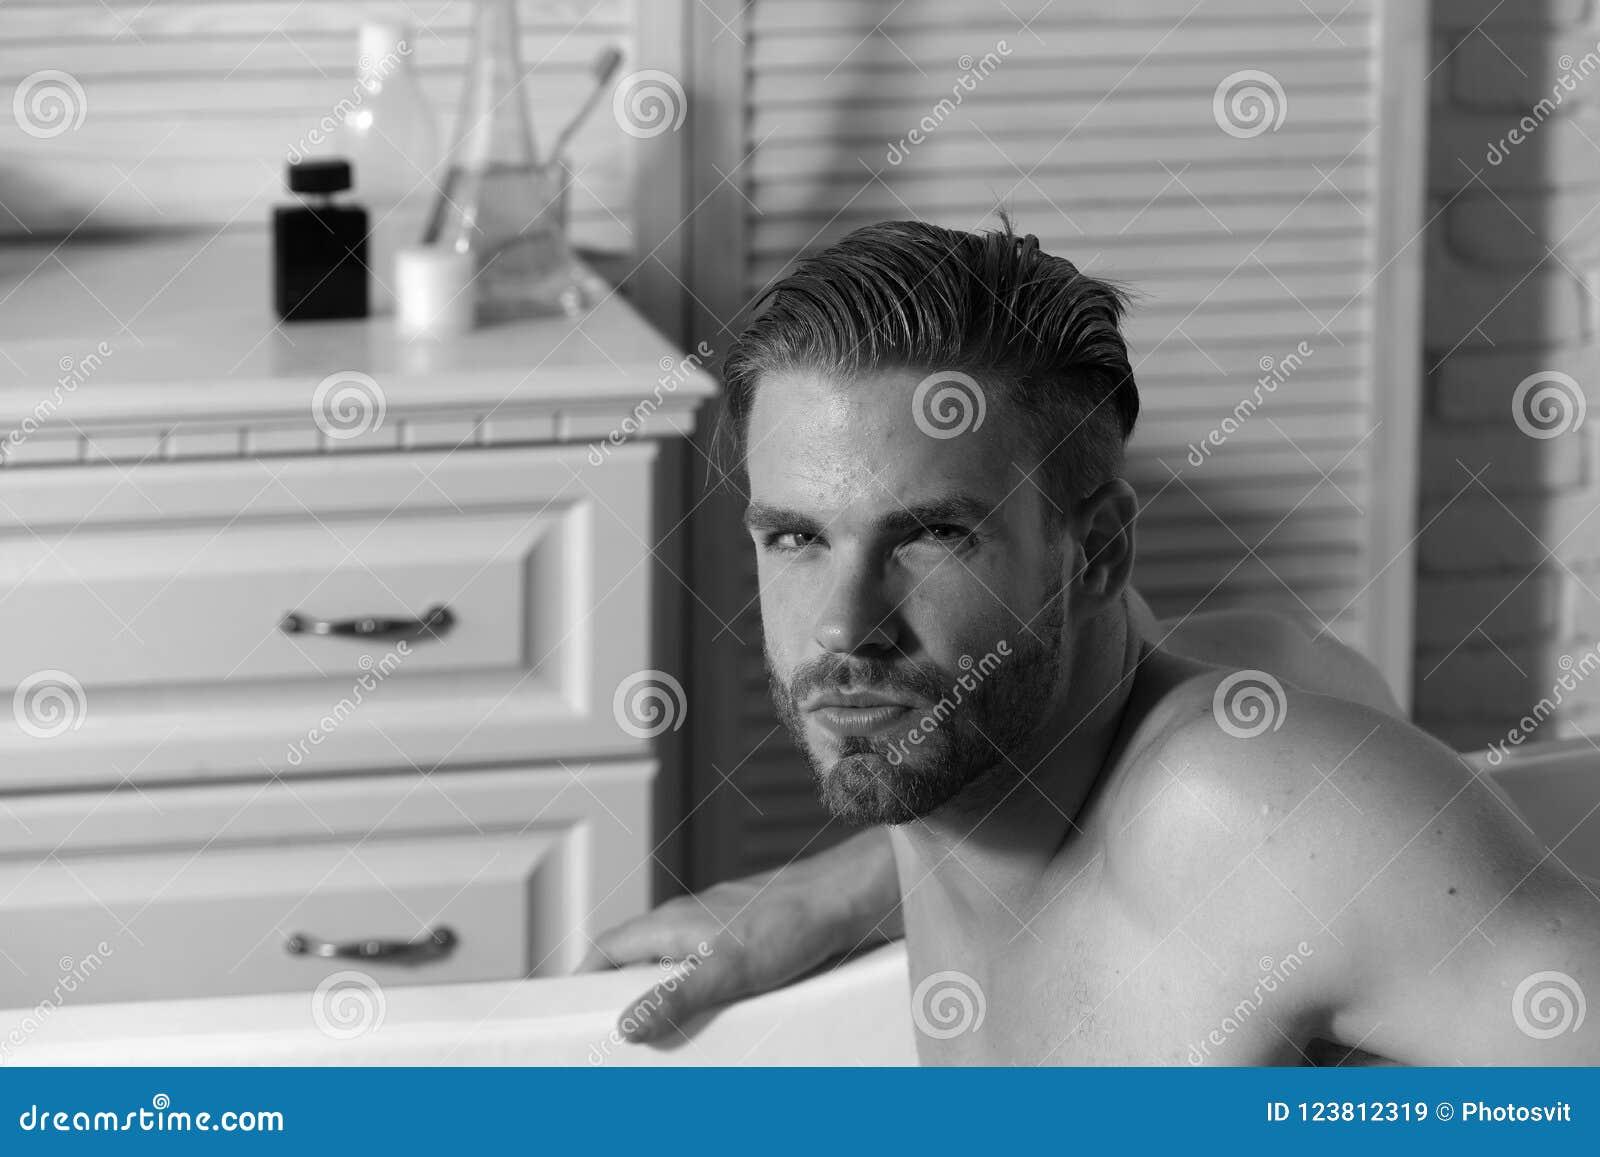 Kerl Im Badezimmer Mit Toilettenartikeln Auf Hintergrund Stockbild